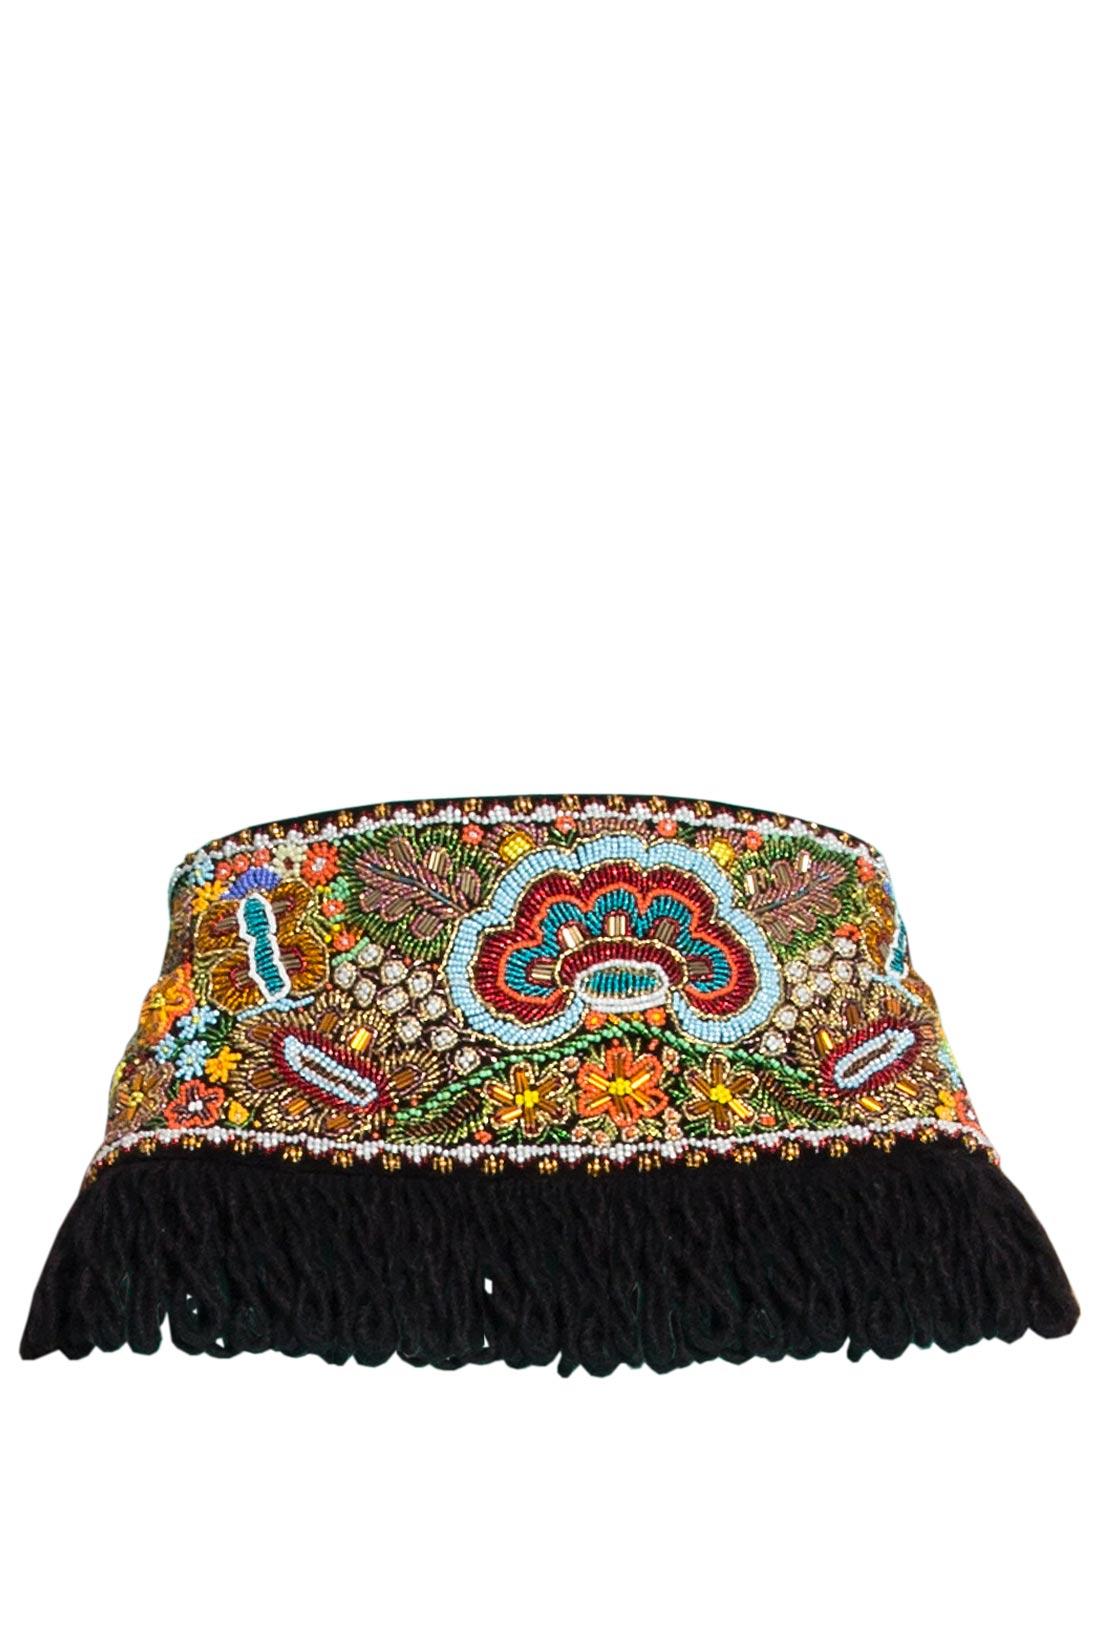 Hand embellished velvet belt Dorin Negrau image 0